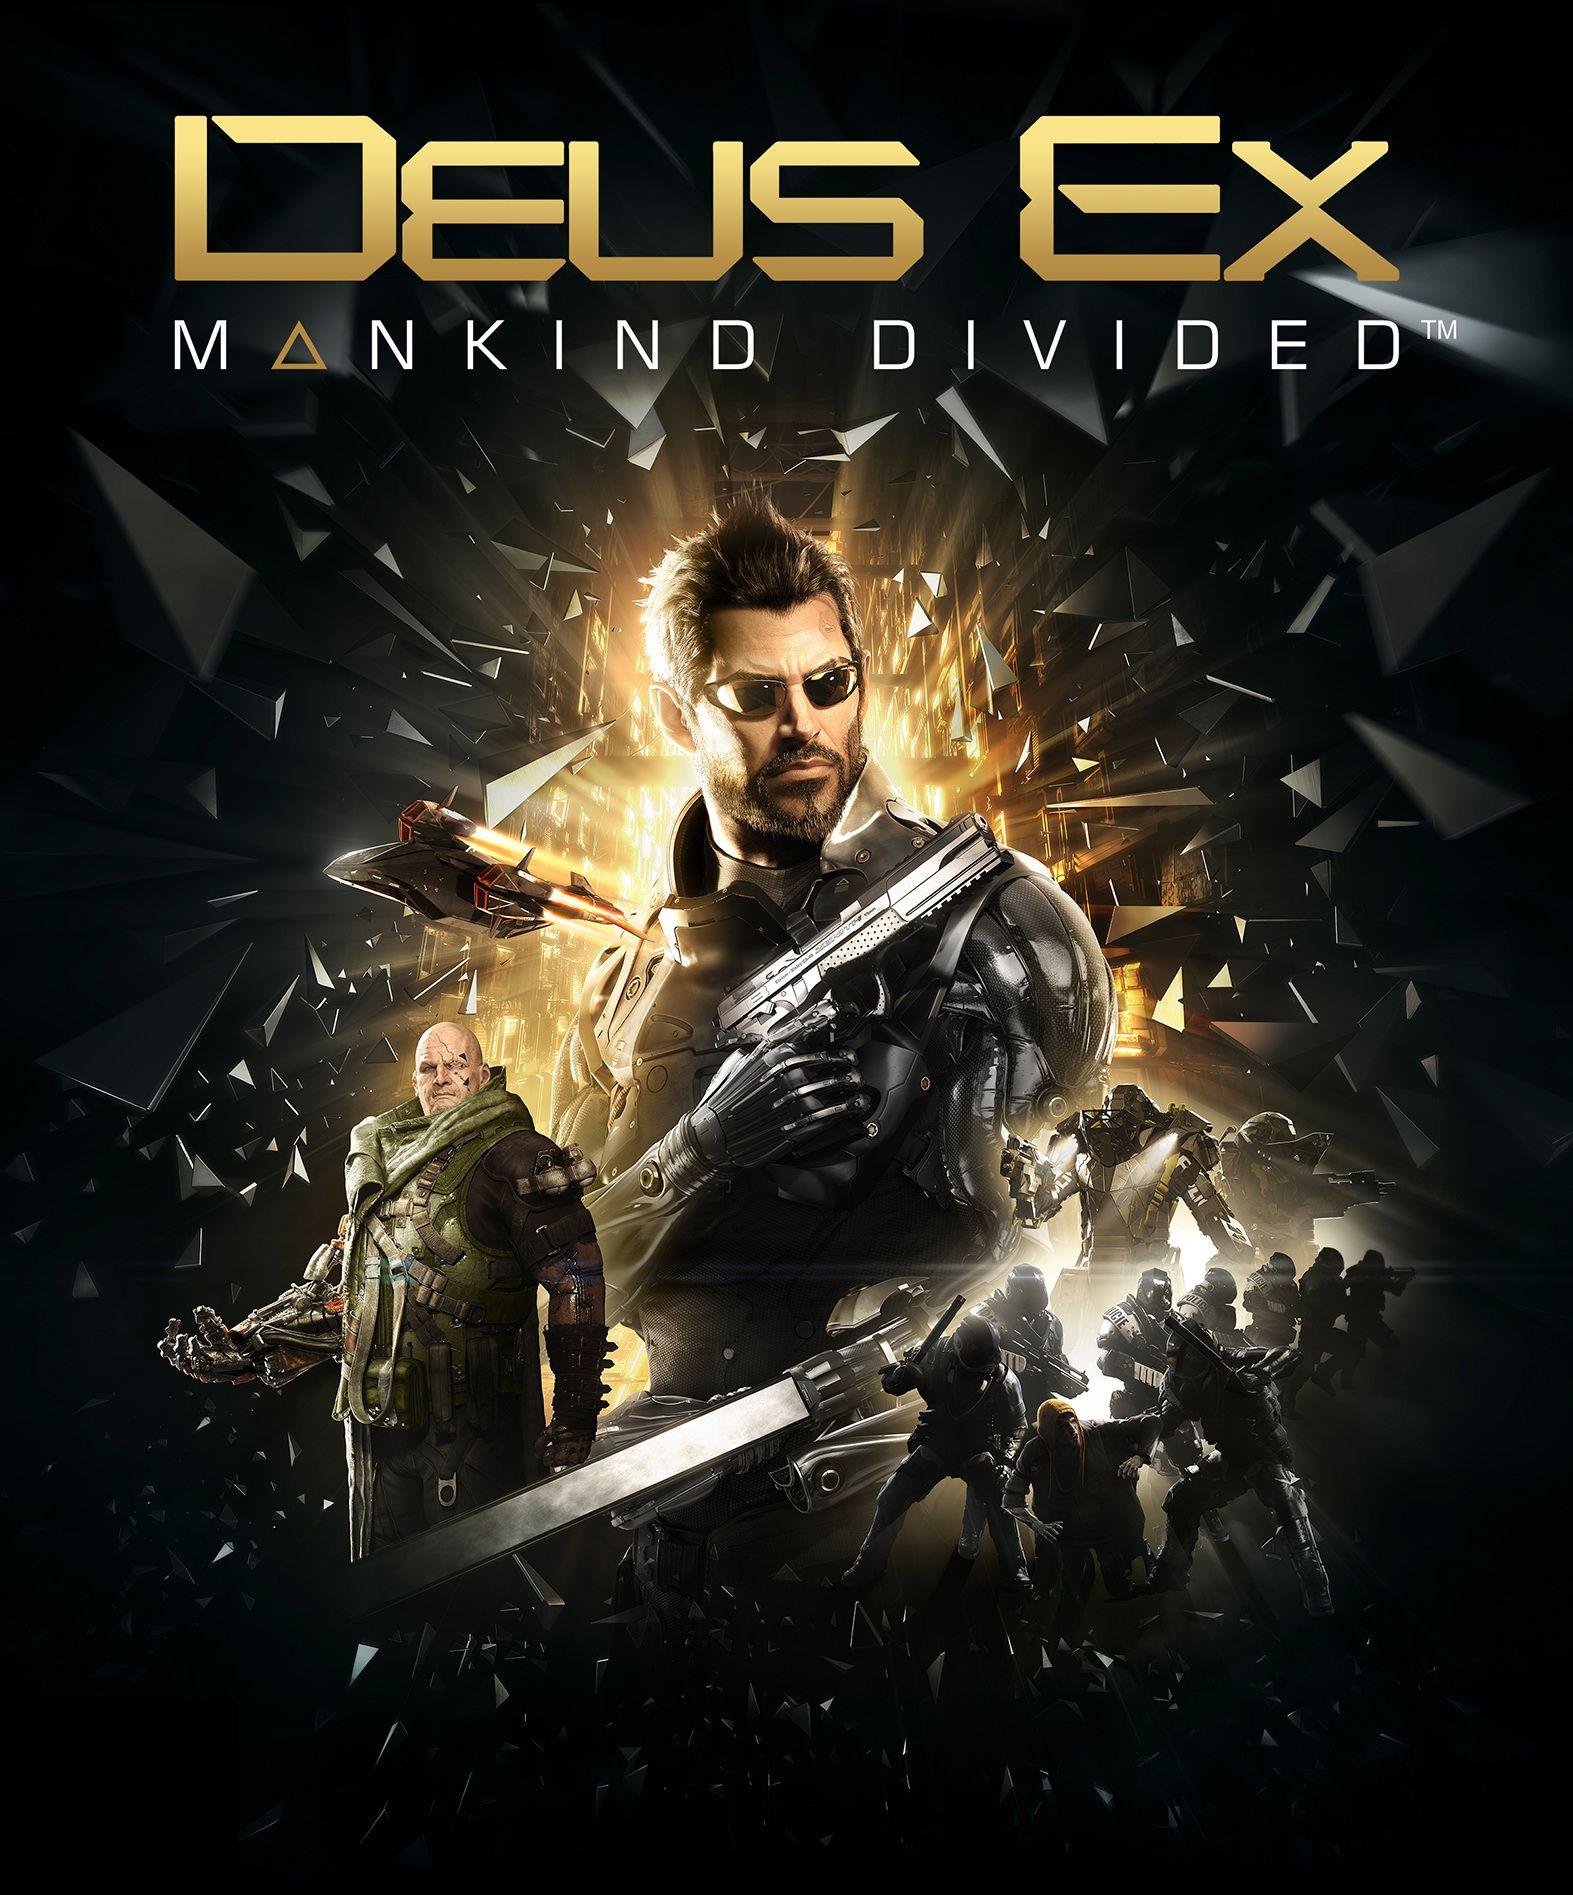 Состоялся релиз игры Deus Ex: Mankind Divided